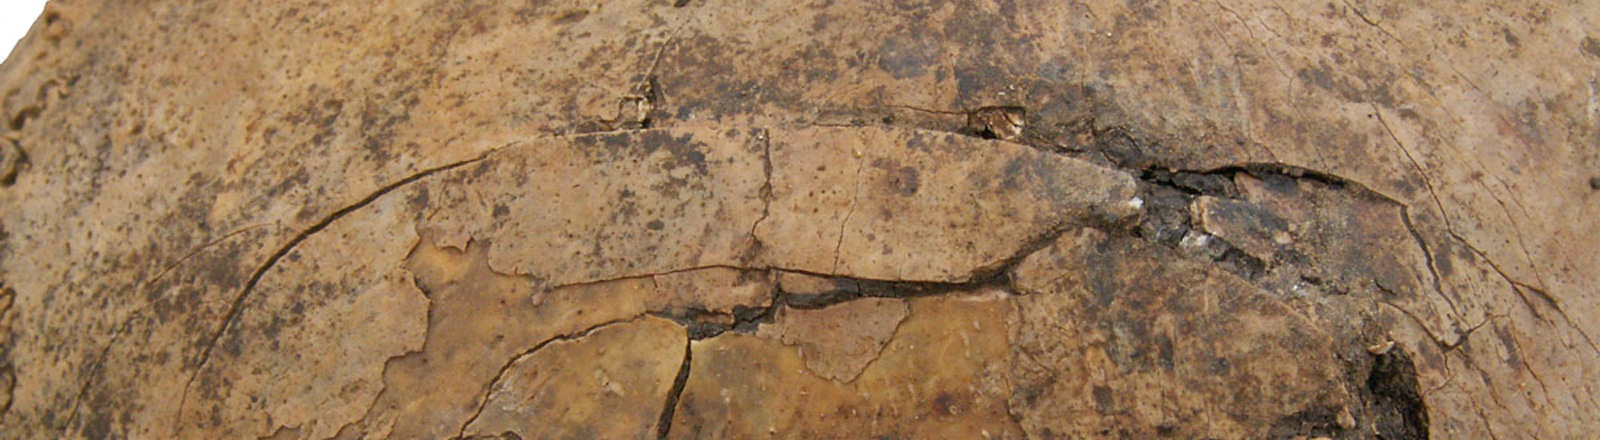 Zertrümmerter Schädel eines drei bis fünf Jahre alten Kindes; Bild: dpa | Christian Meyer